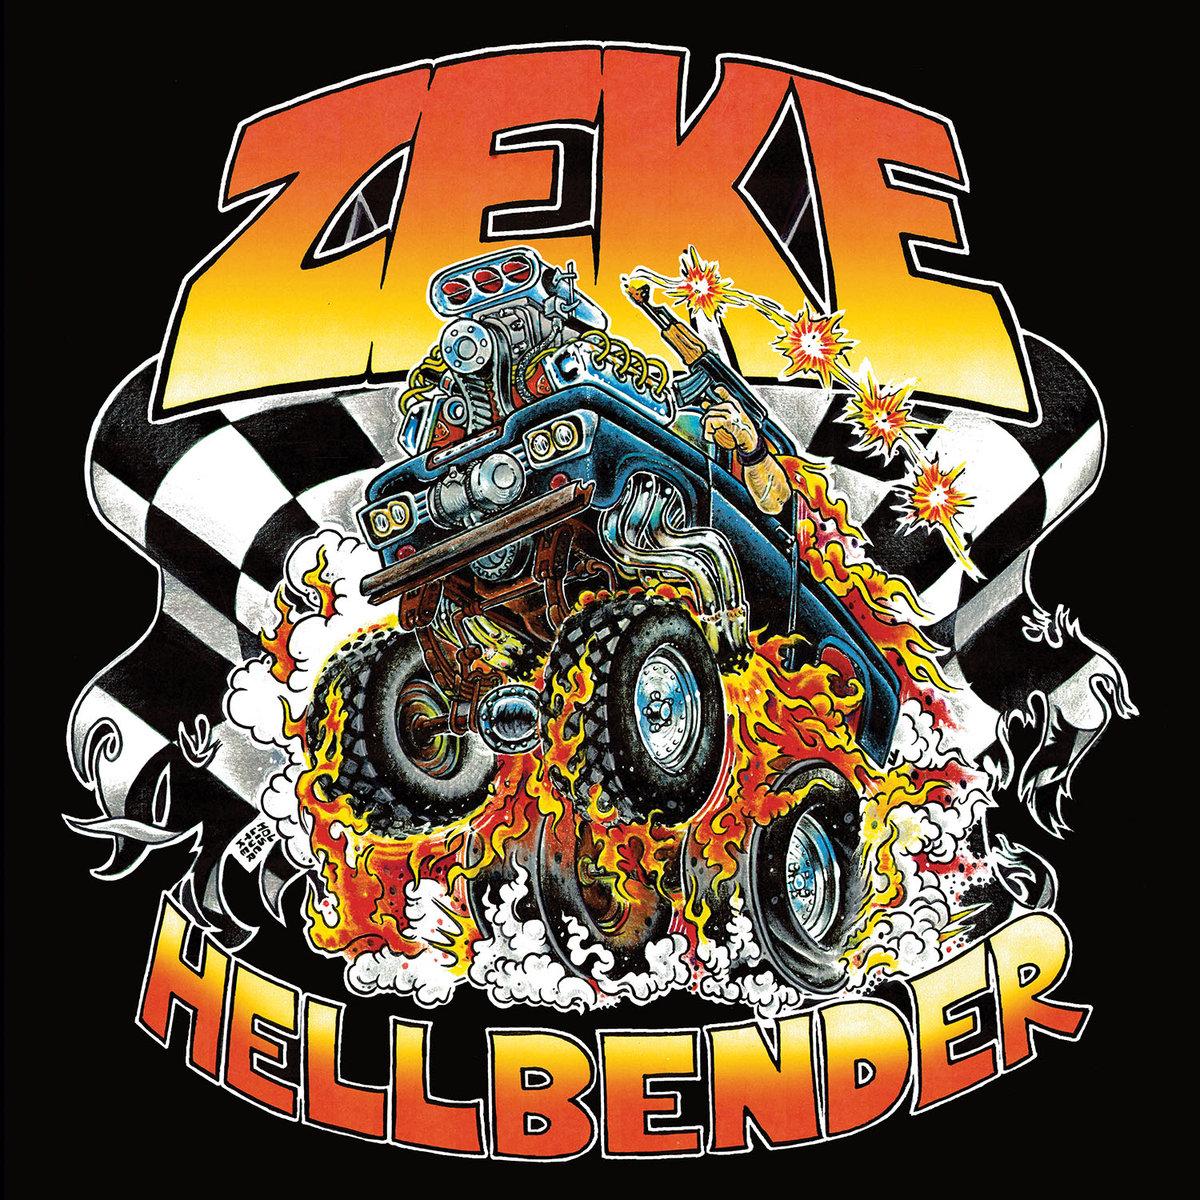 zeke_hellbender.jpg